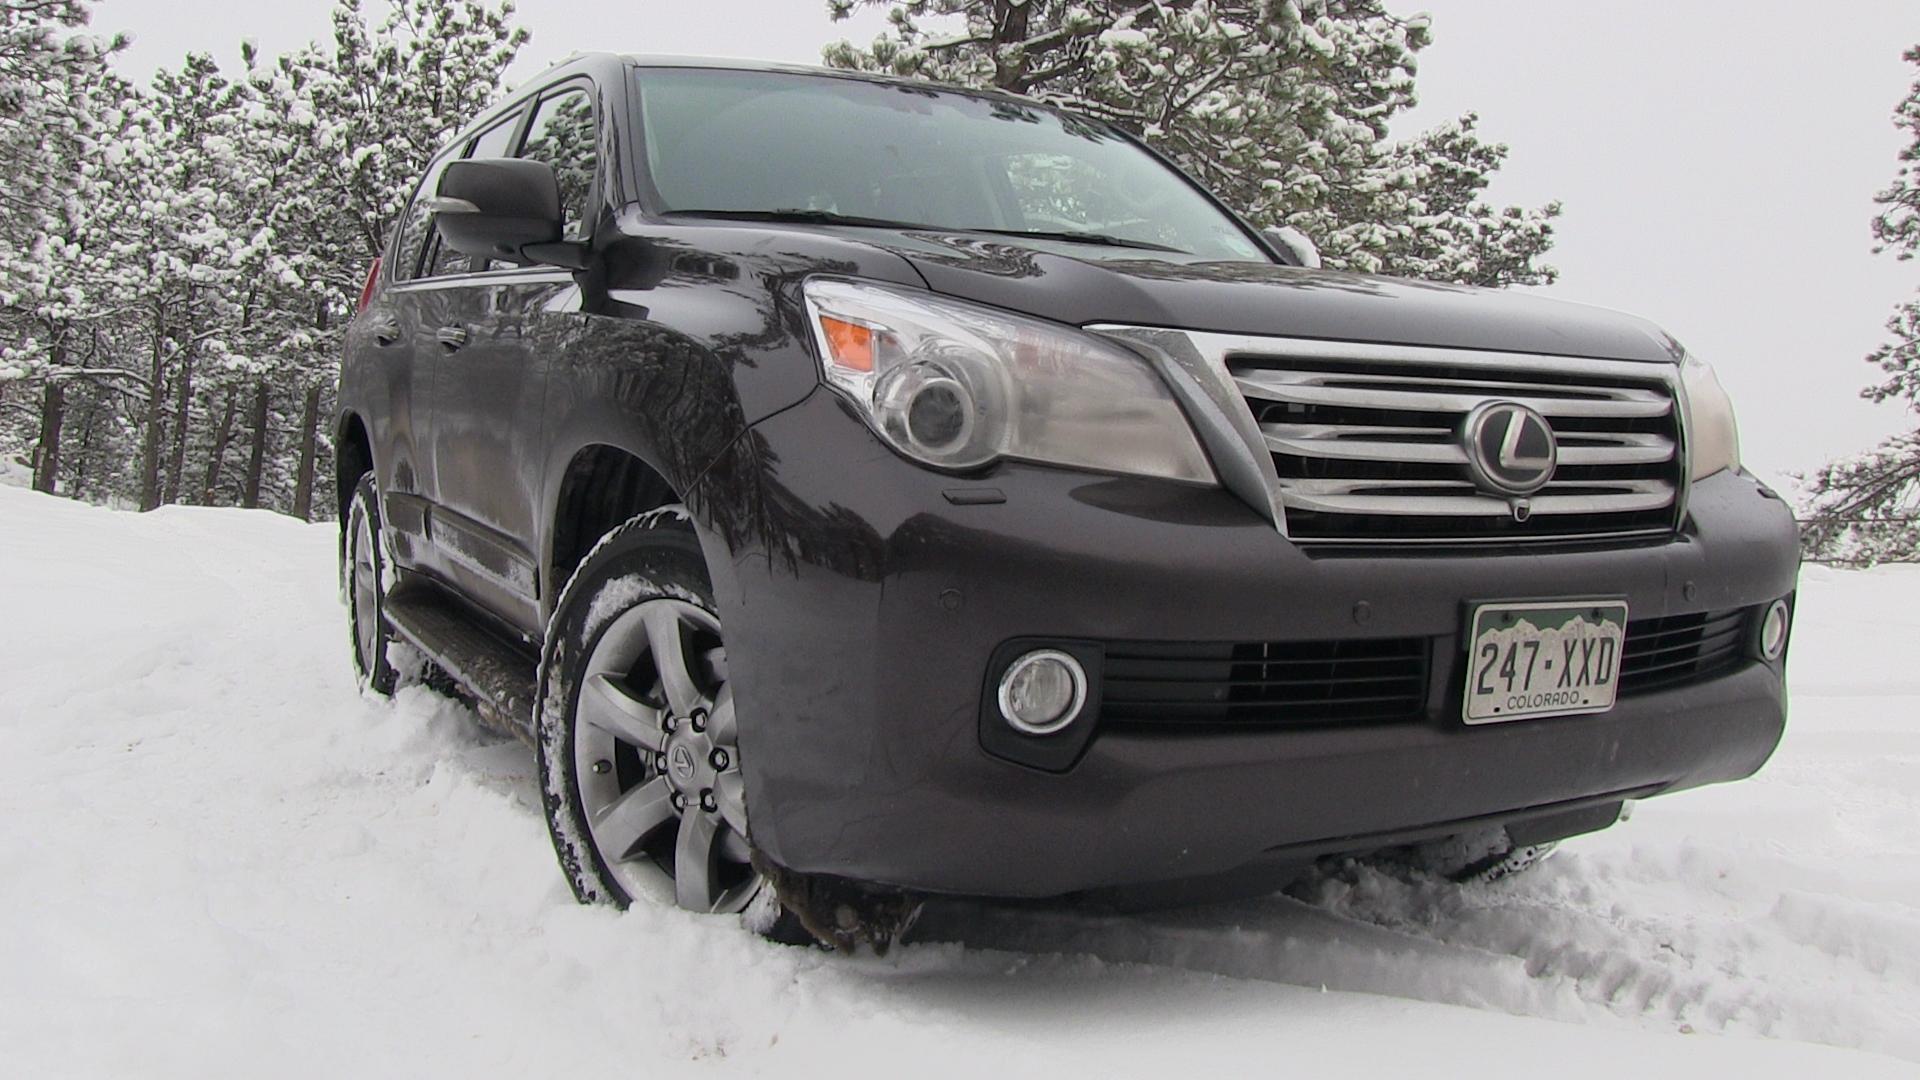 2013 Lexus GX 460 Snowy Colorado f Road 4WD Tech Demo Review